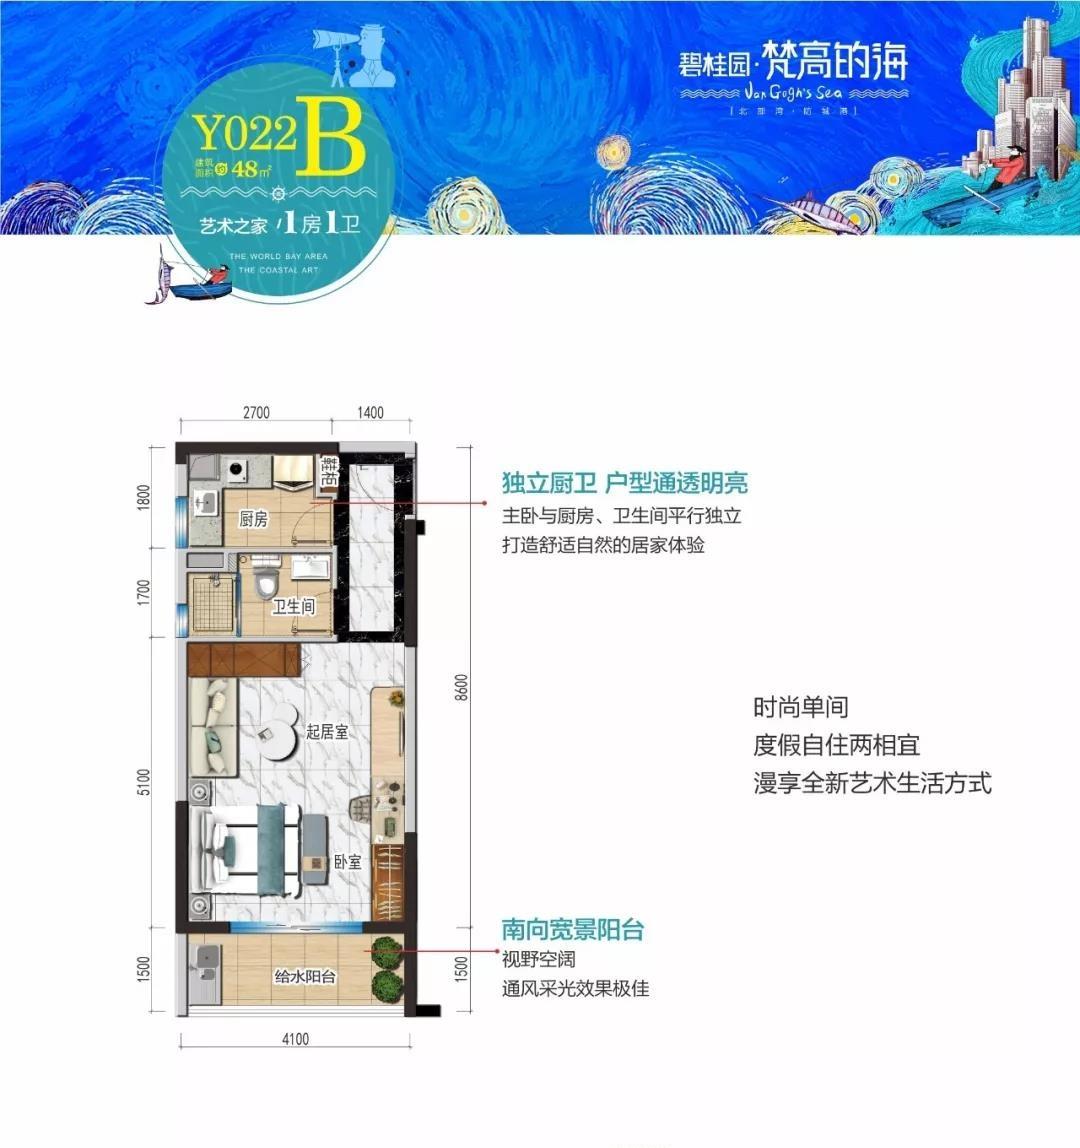 碧桂园梵高的海B户型1室1卫建筑面积48㎡